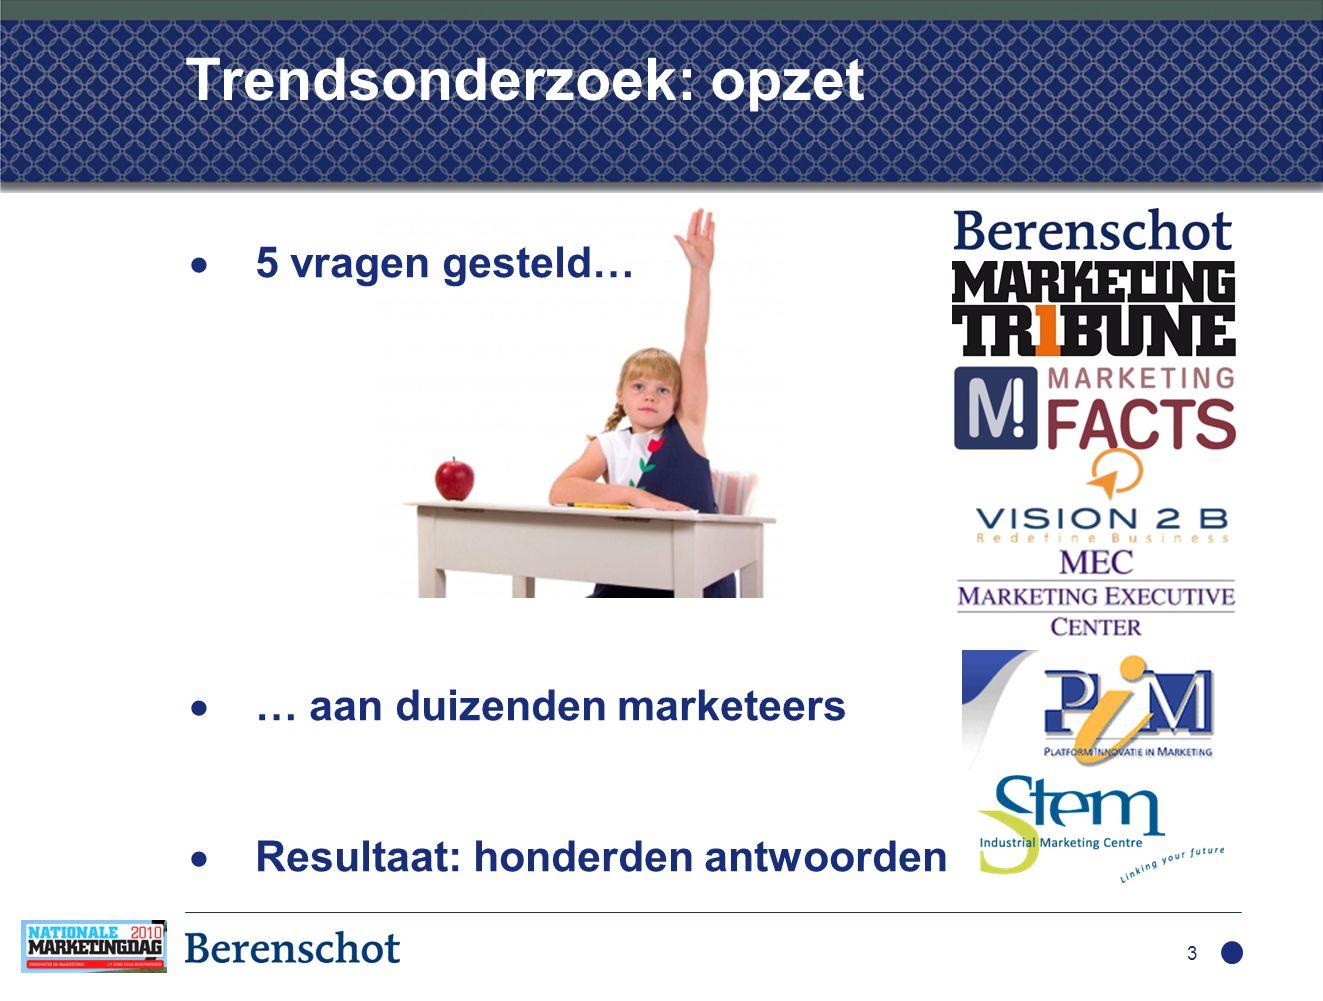 Top 10 marketingtrends 2010